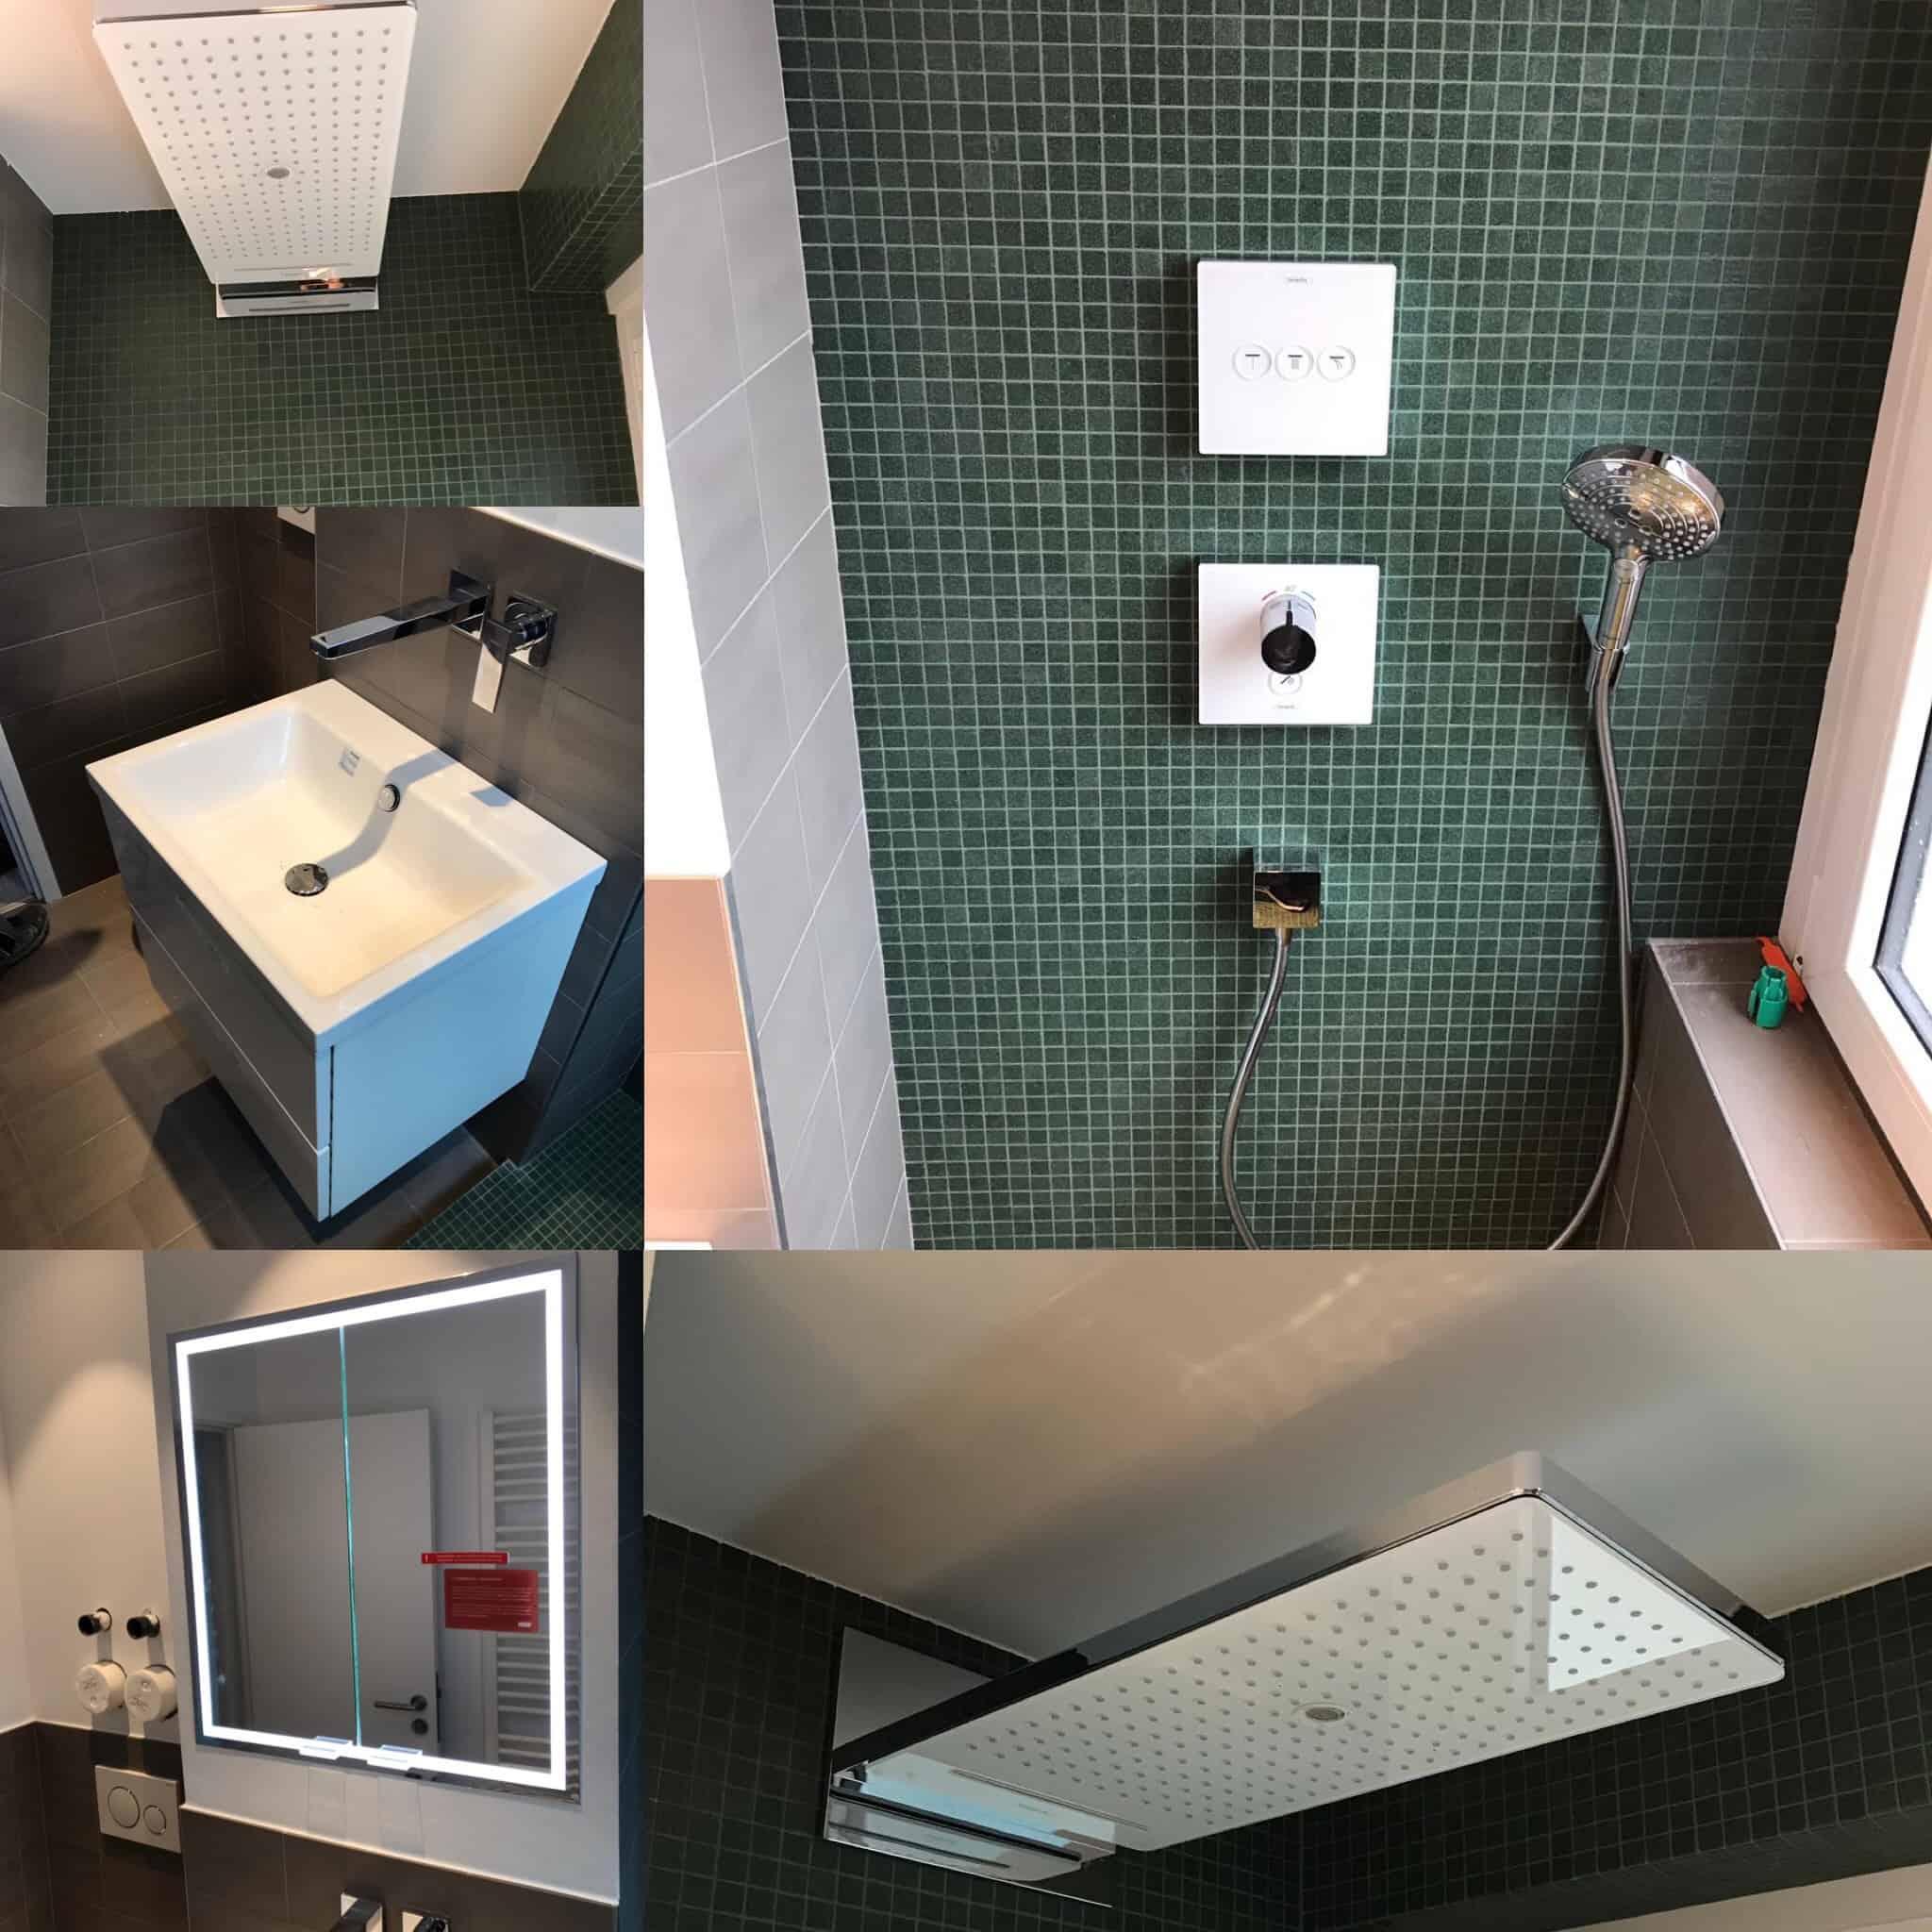 Kleines aber feines Duschbad im Nordend / Frankfurt. Durch das ersetzen der Badewanne, konnte ein großzügiger Duschbereich herstellt werden. In den bestehende Installationsschacht, konnte ein Spiegelschrank integriert werden und ein platzsparenden Waschplatz.